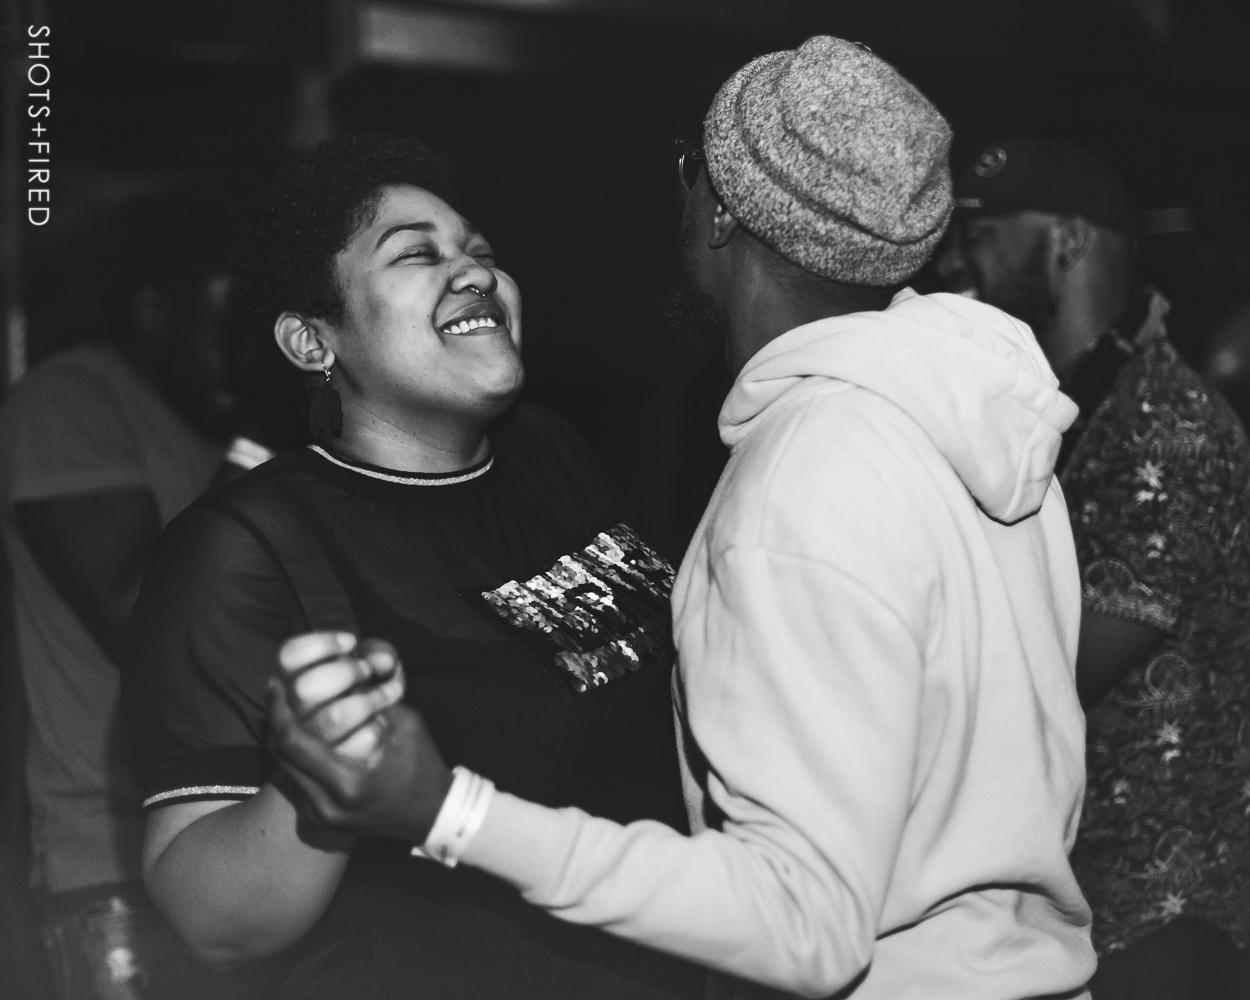 FRIENDS & FAM (PHL) W/ MATTHEW LAW Feat. DJ LEANWITIT Hosted By QUEEN JO @ WAREHOUSE ON WATTS (February 2019) // Presented By Matthew Law //